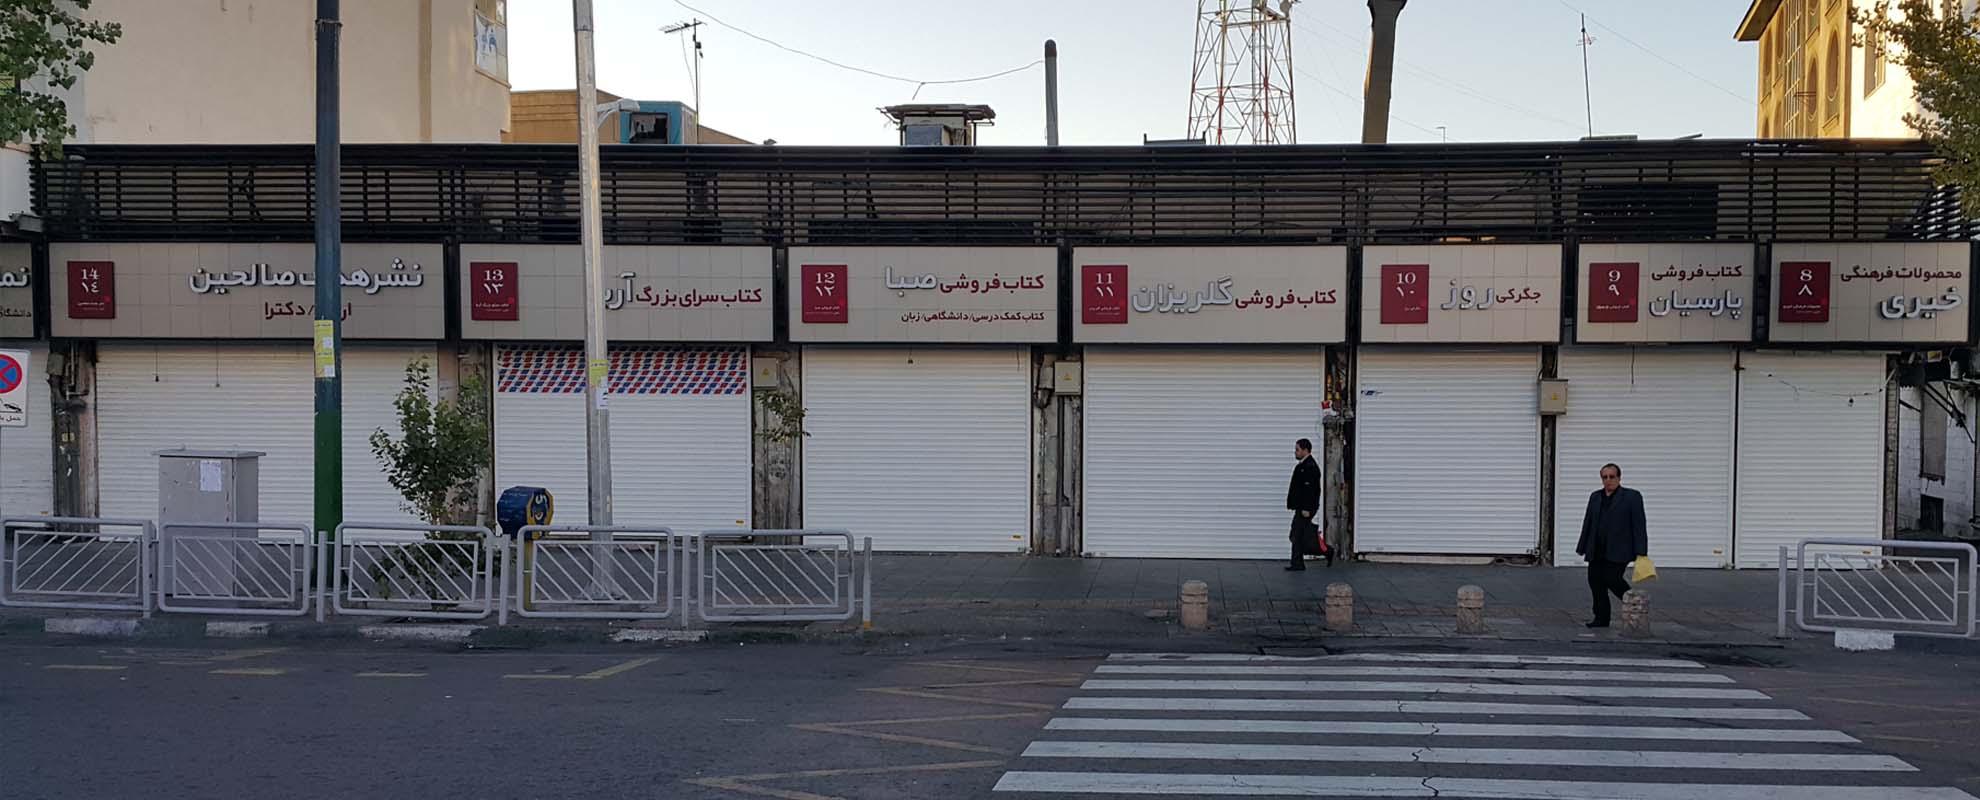 تابلوهای میدان انقلاب2 -از سوابق کار در نیکدل سازنده تابلو های تبلیغاتی-موسویها